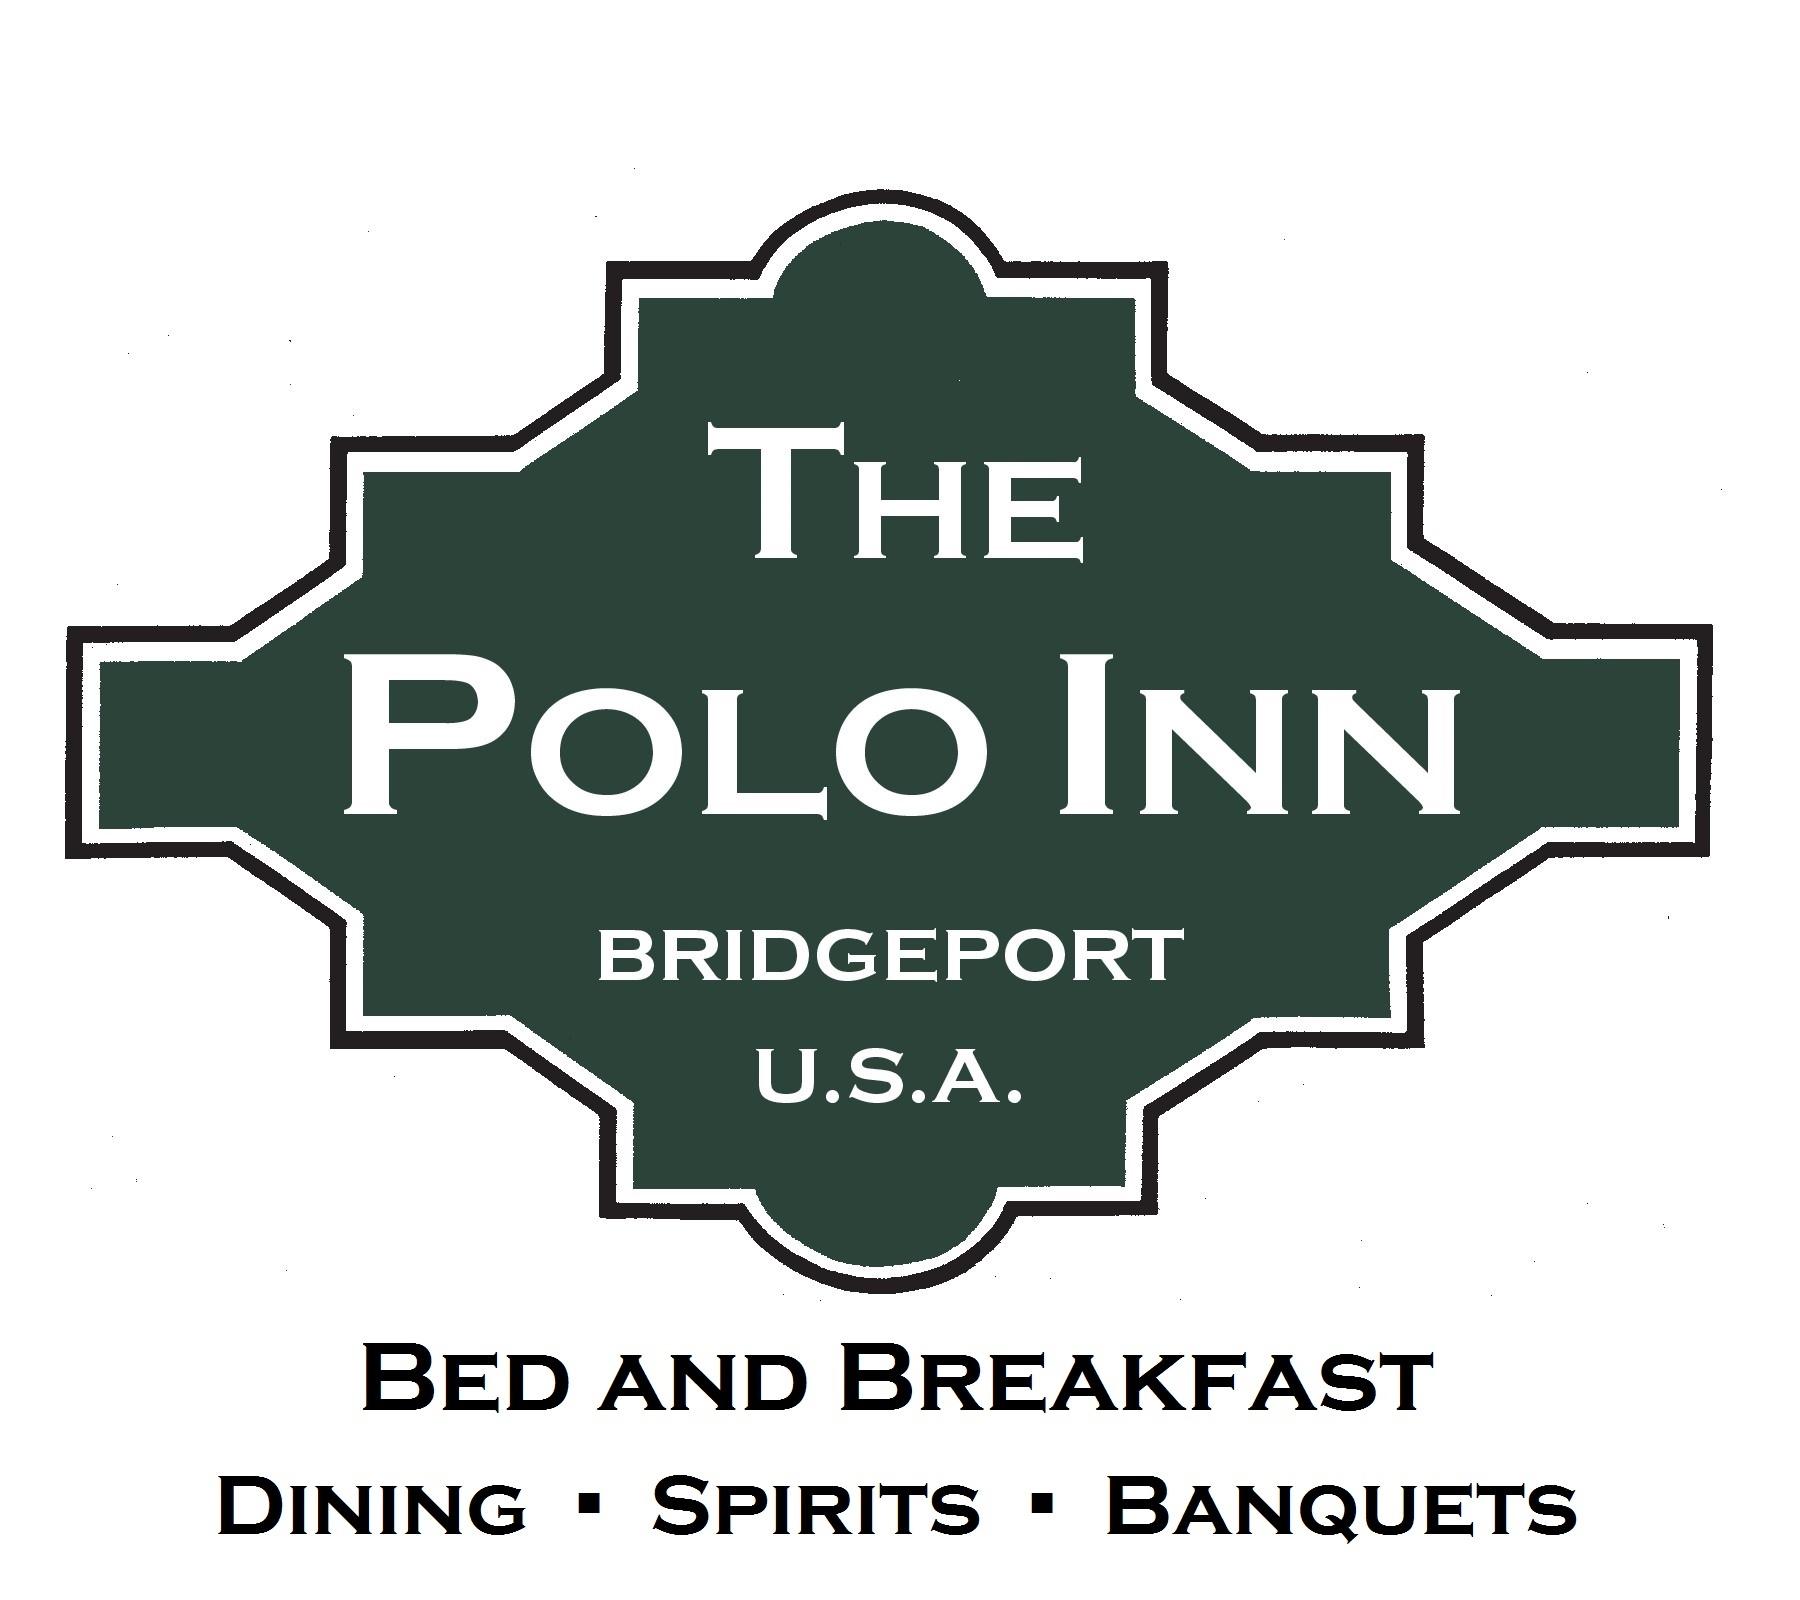 ThePoloInn.com Logo